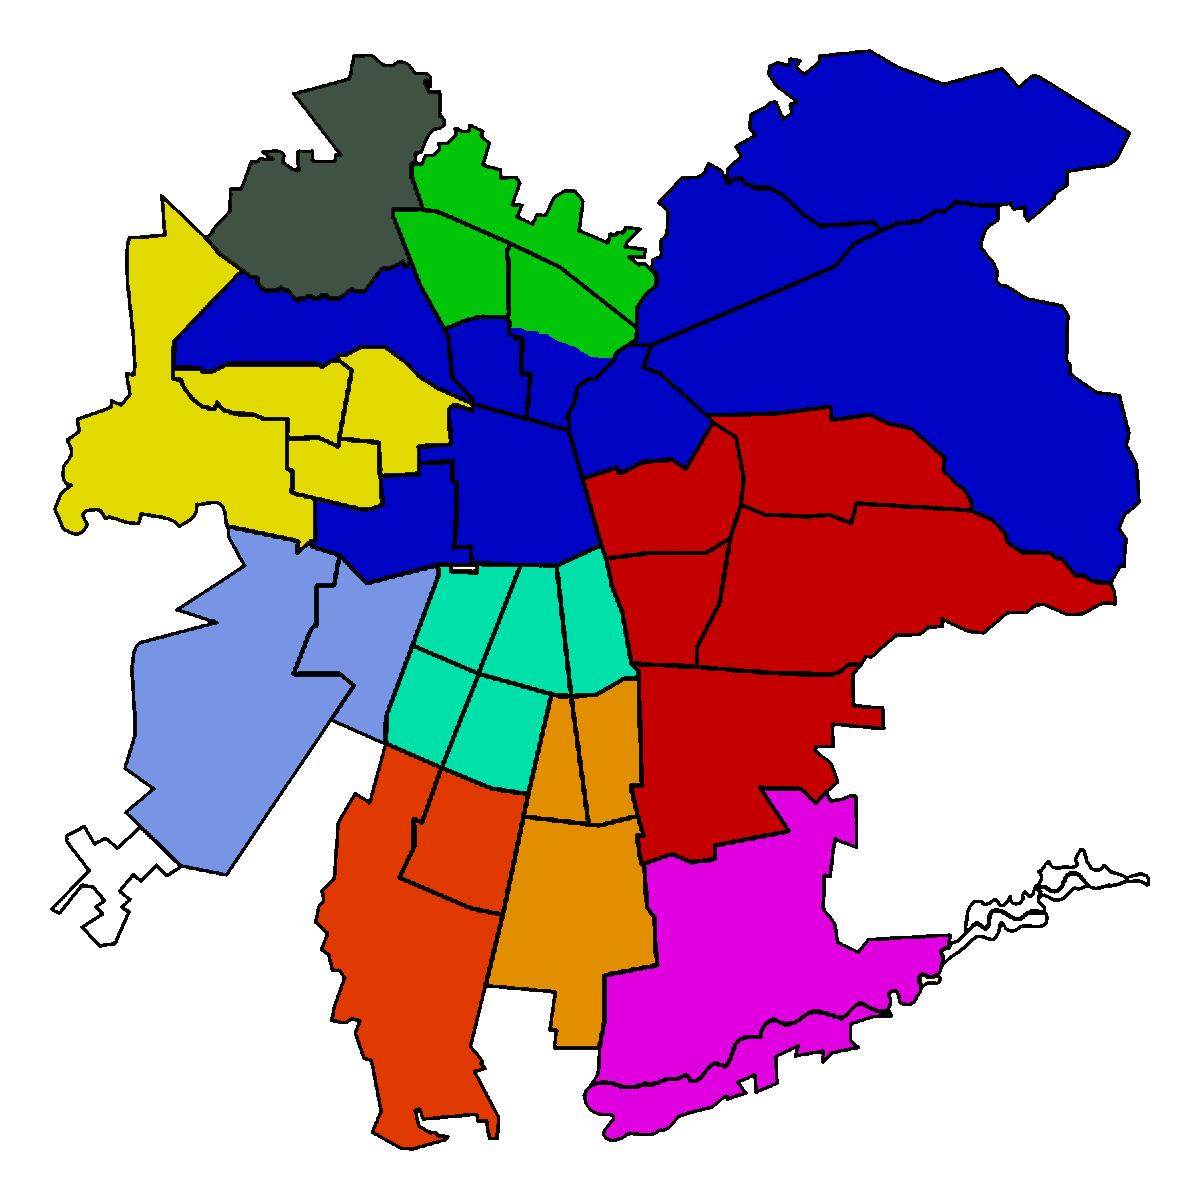 mapa santiago Archivo:Mapa Cuerpos de Bomberos, ciudad de Santiago de Chile  mapa santiago